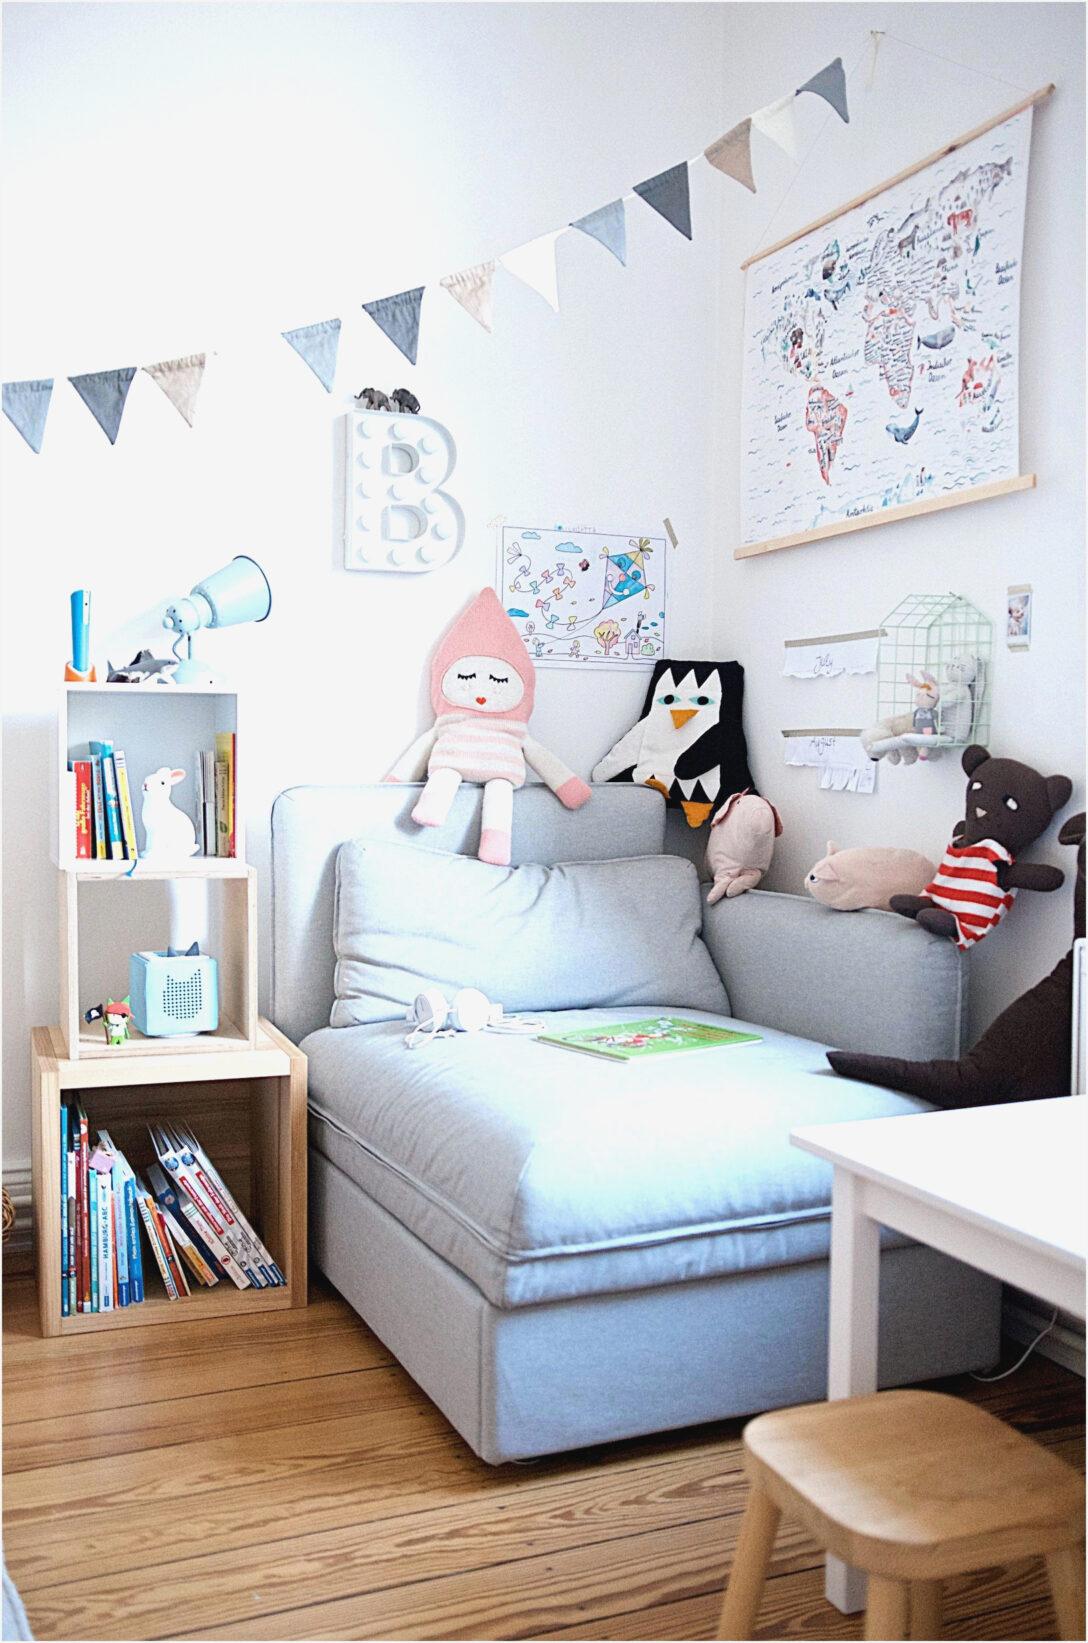 Large Size of Jungen Kinderzimmer 10 Jahre Gestalten Junge Ideen Babyzimmer Wandgestaltung Dekorieren Pinterest Streichen 2 Traumhaus Regal Weiß Regale Sofa Kinderzimmer Jungen Kinderzimmer